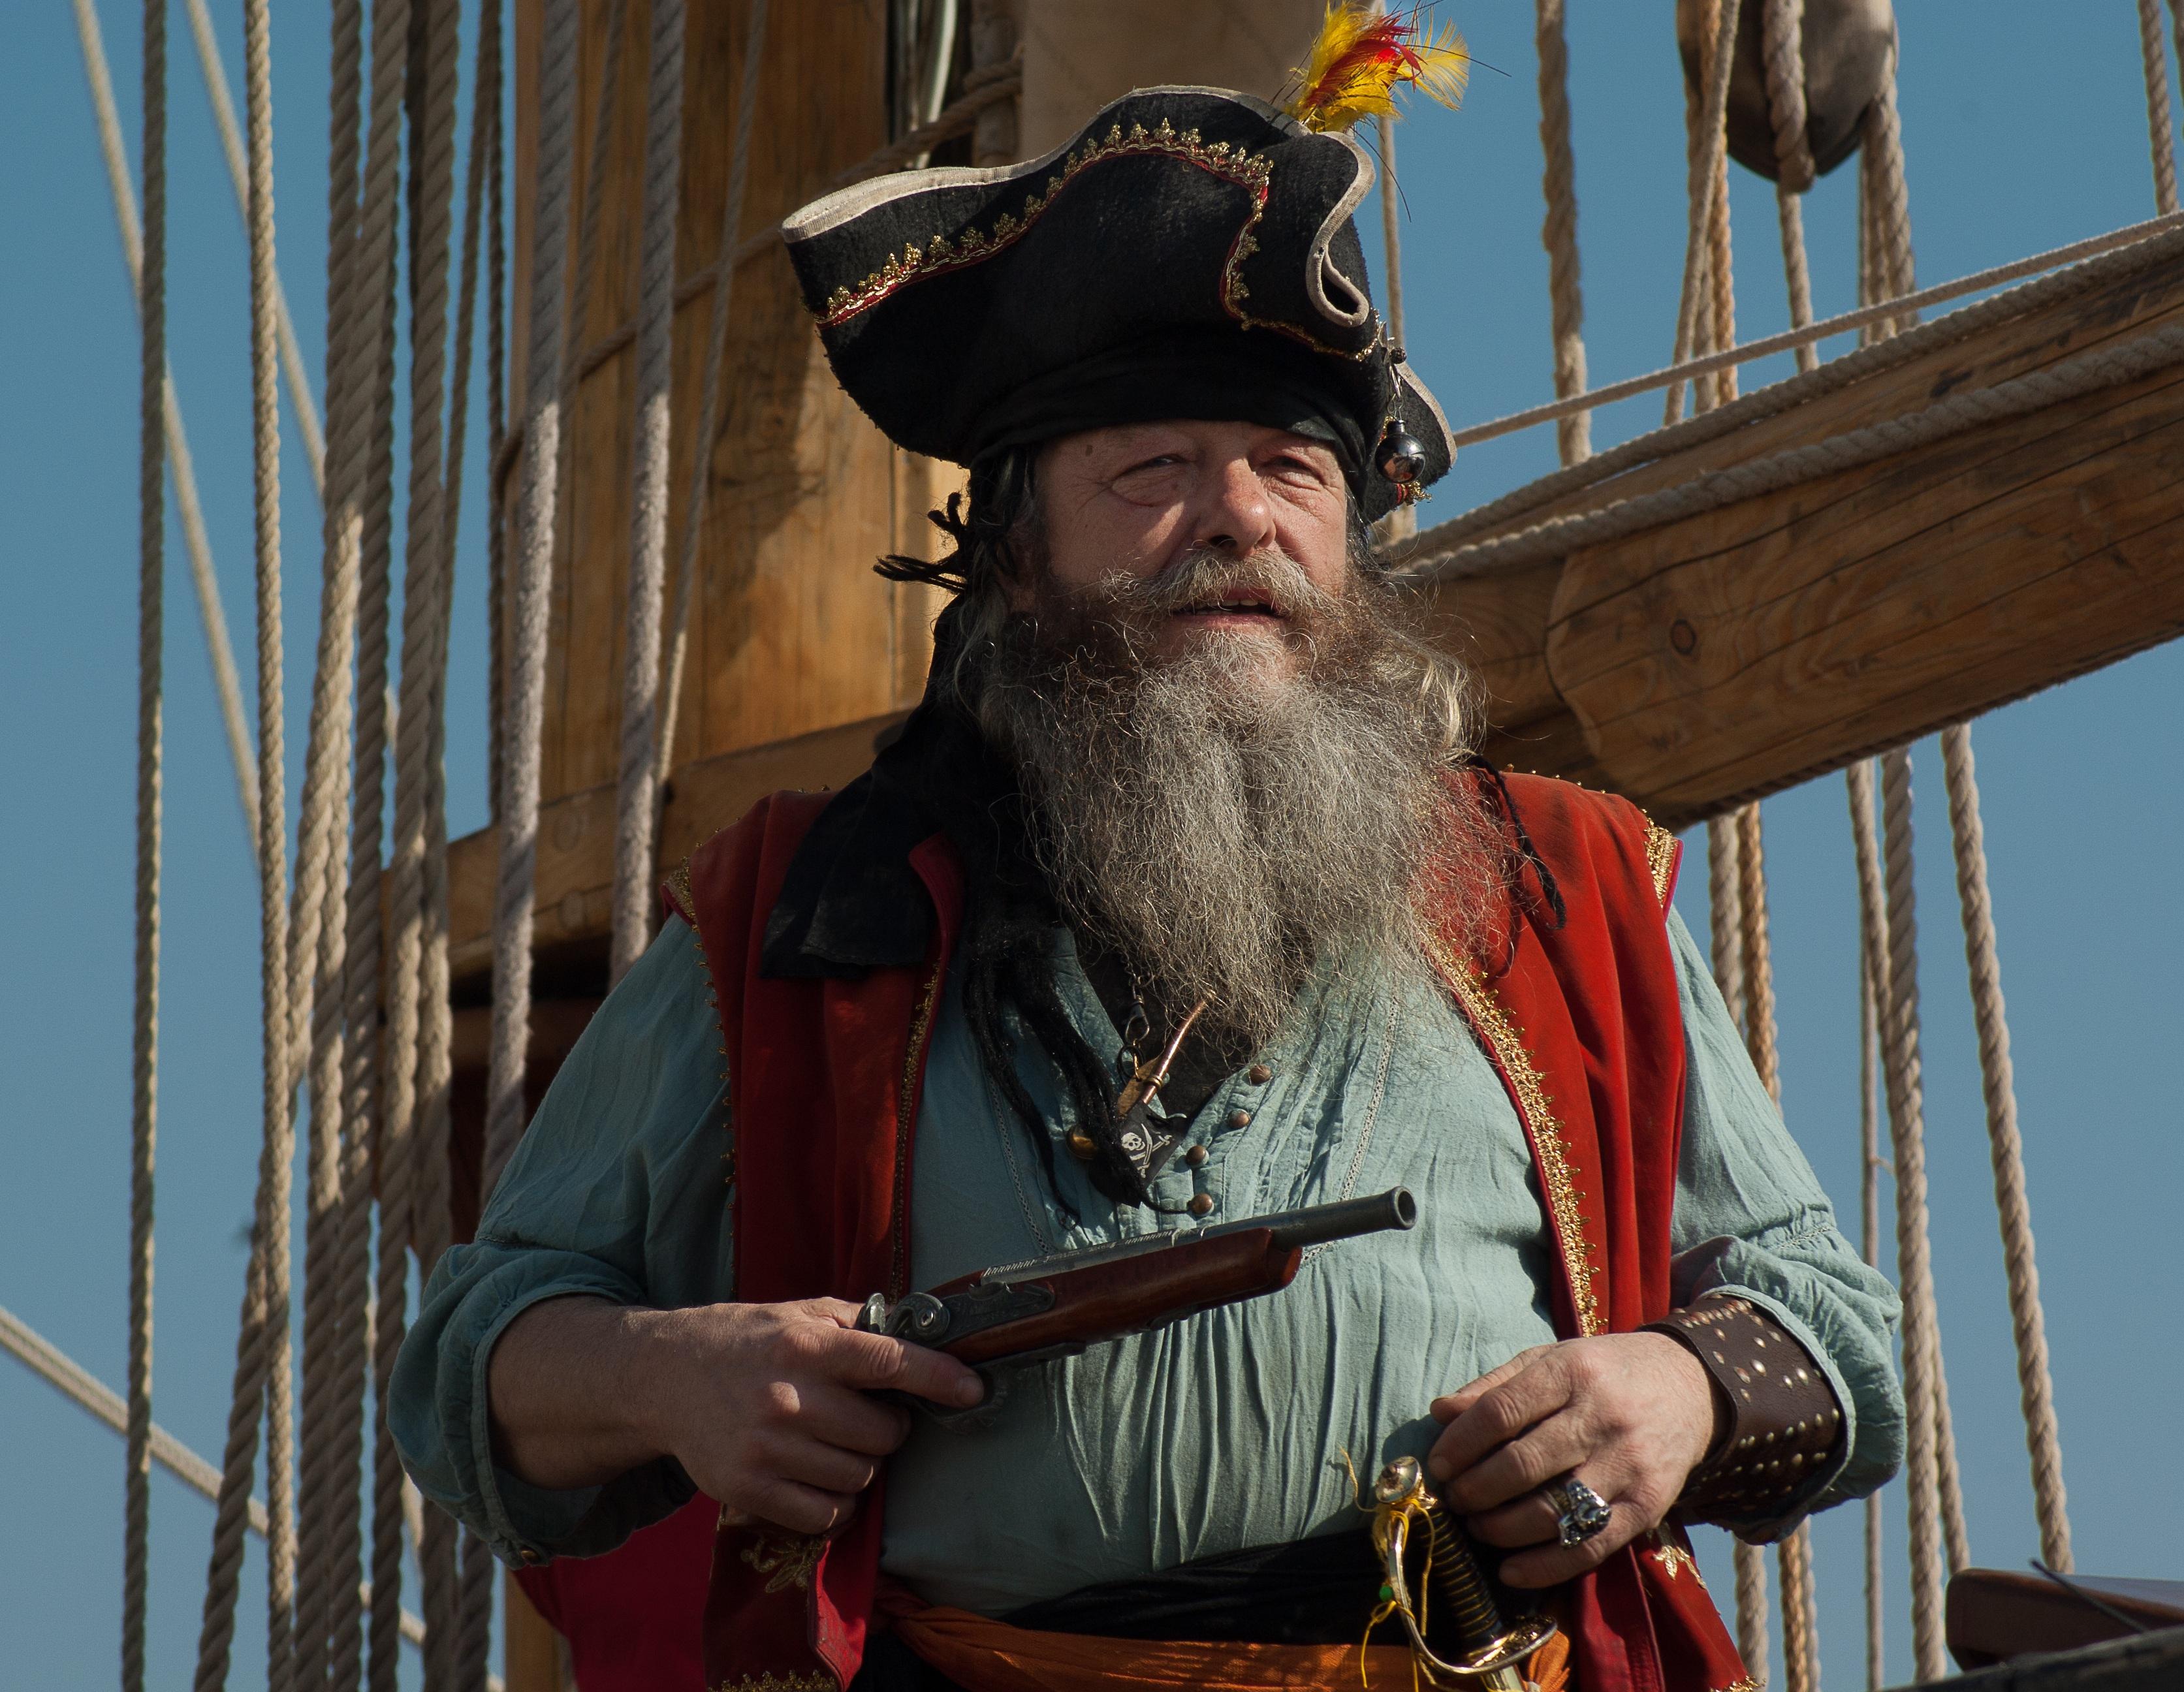 подходит старый пират стихи фото можно отправить других